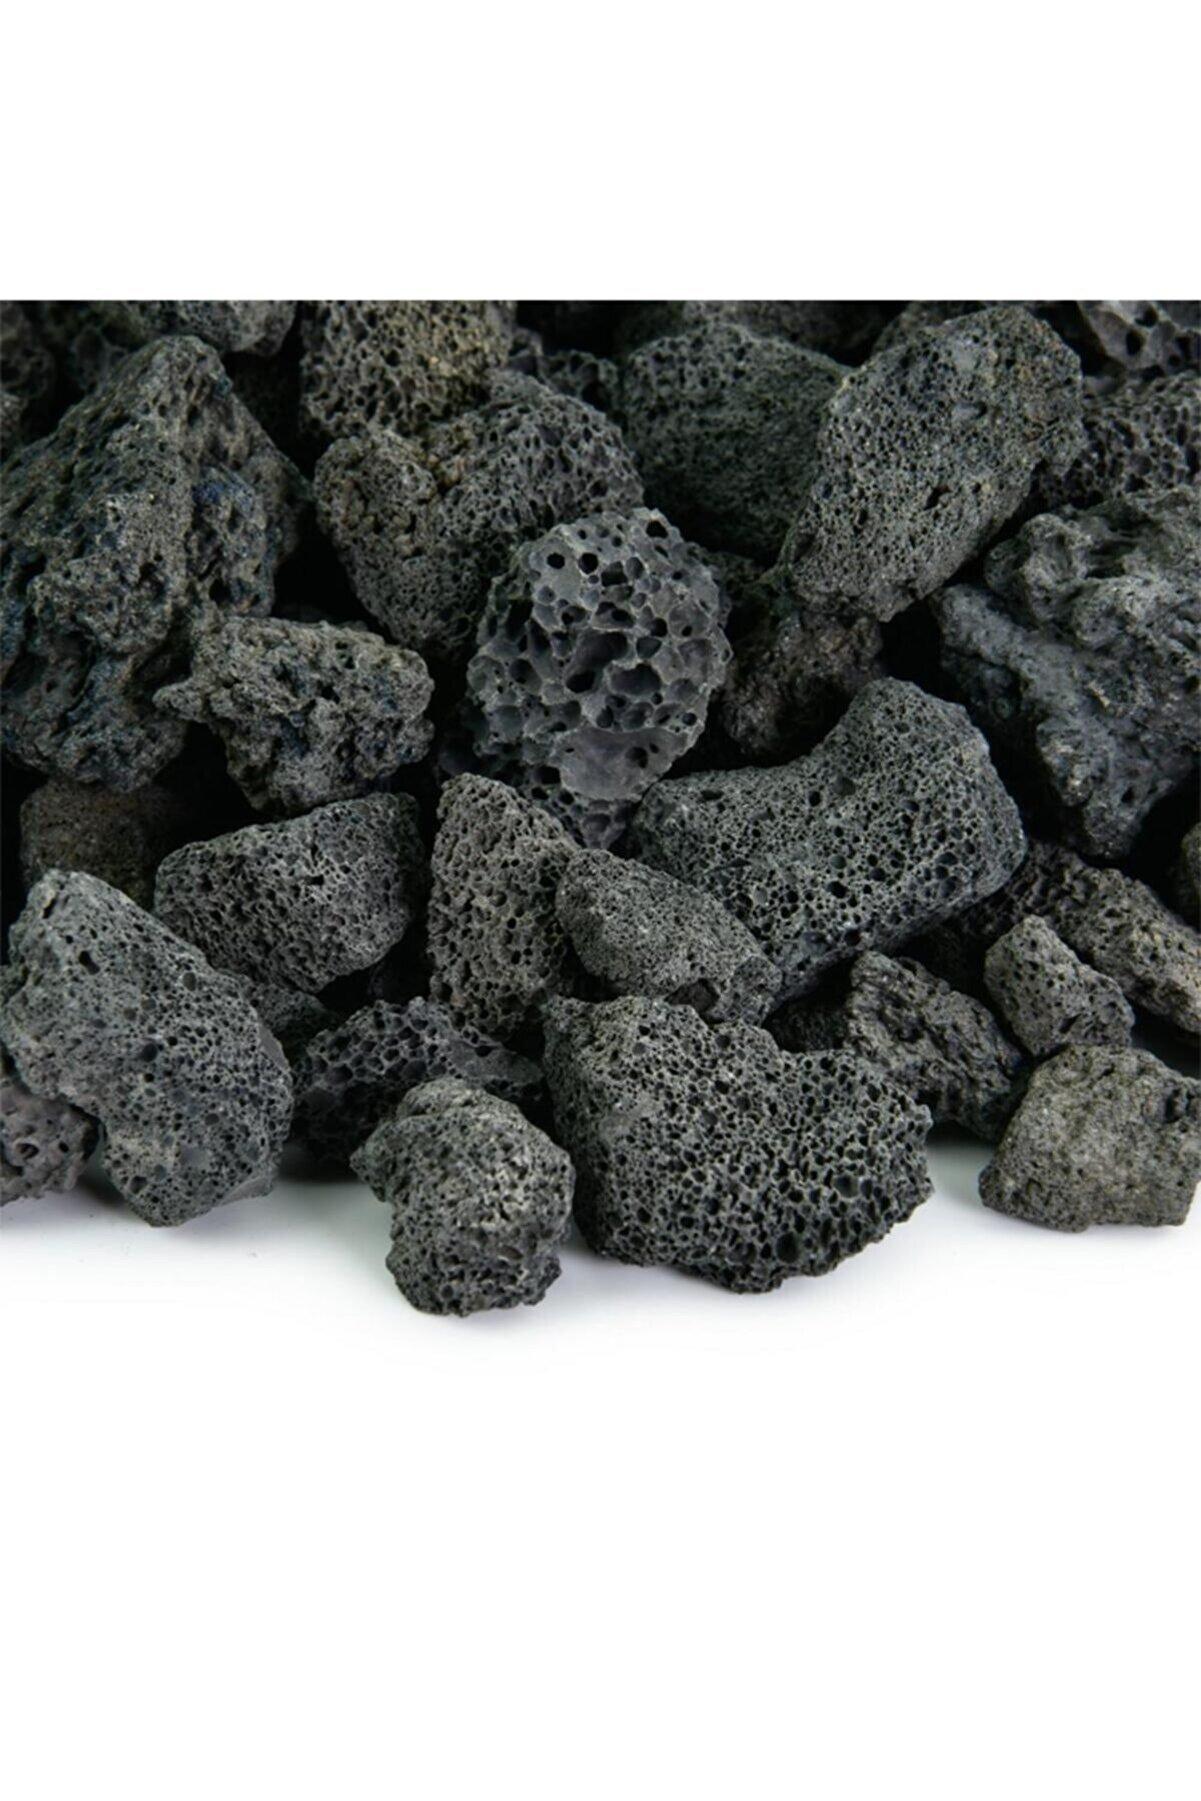 Doğalsan Tarım Siyah Pomza Taşı 1 3 cm 3 lt